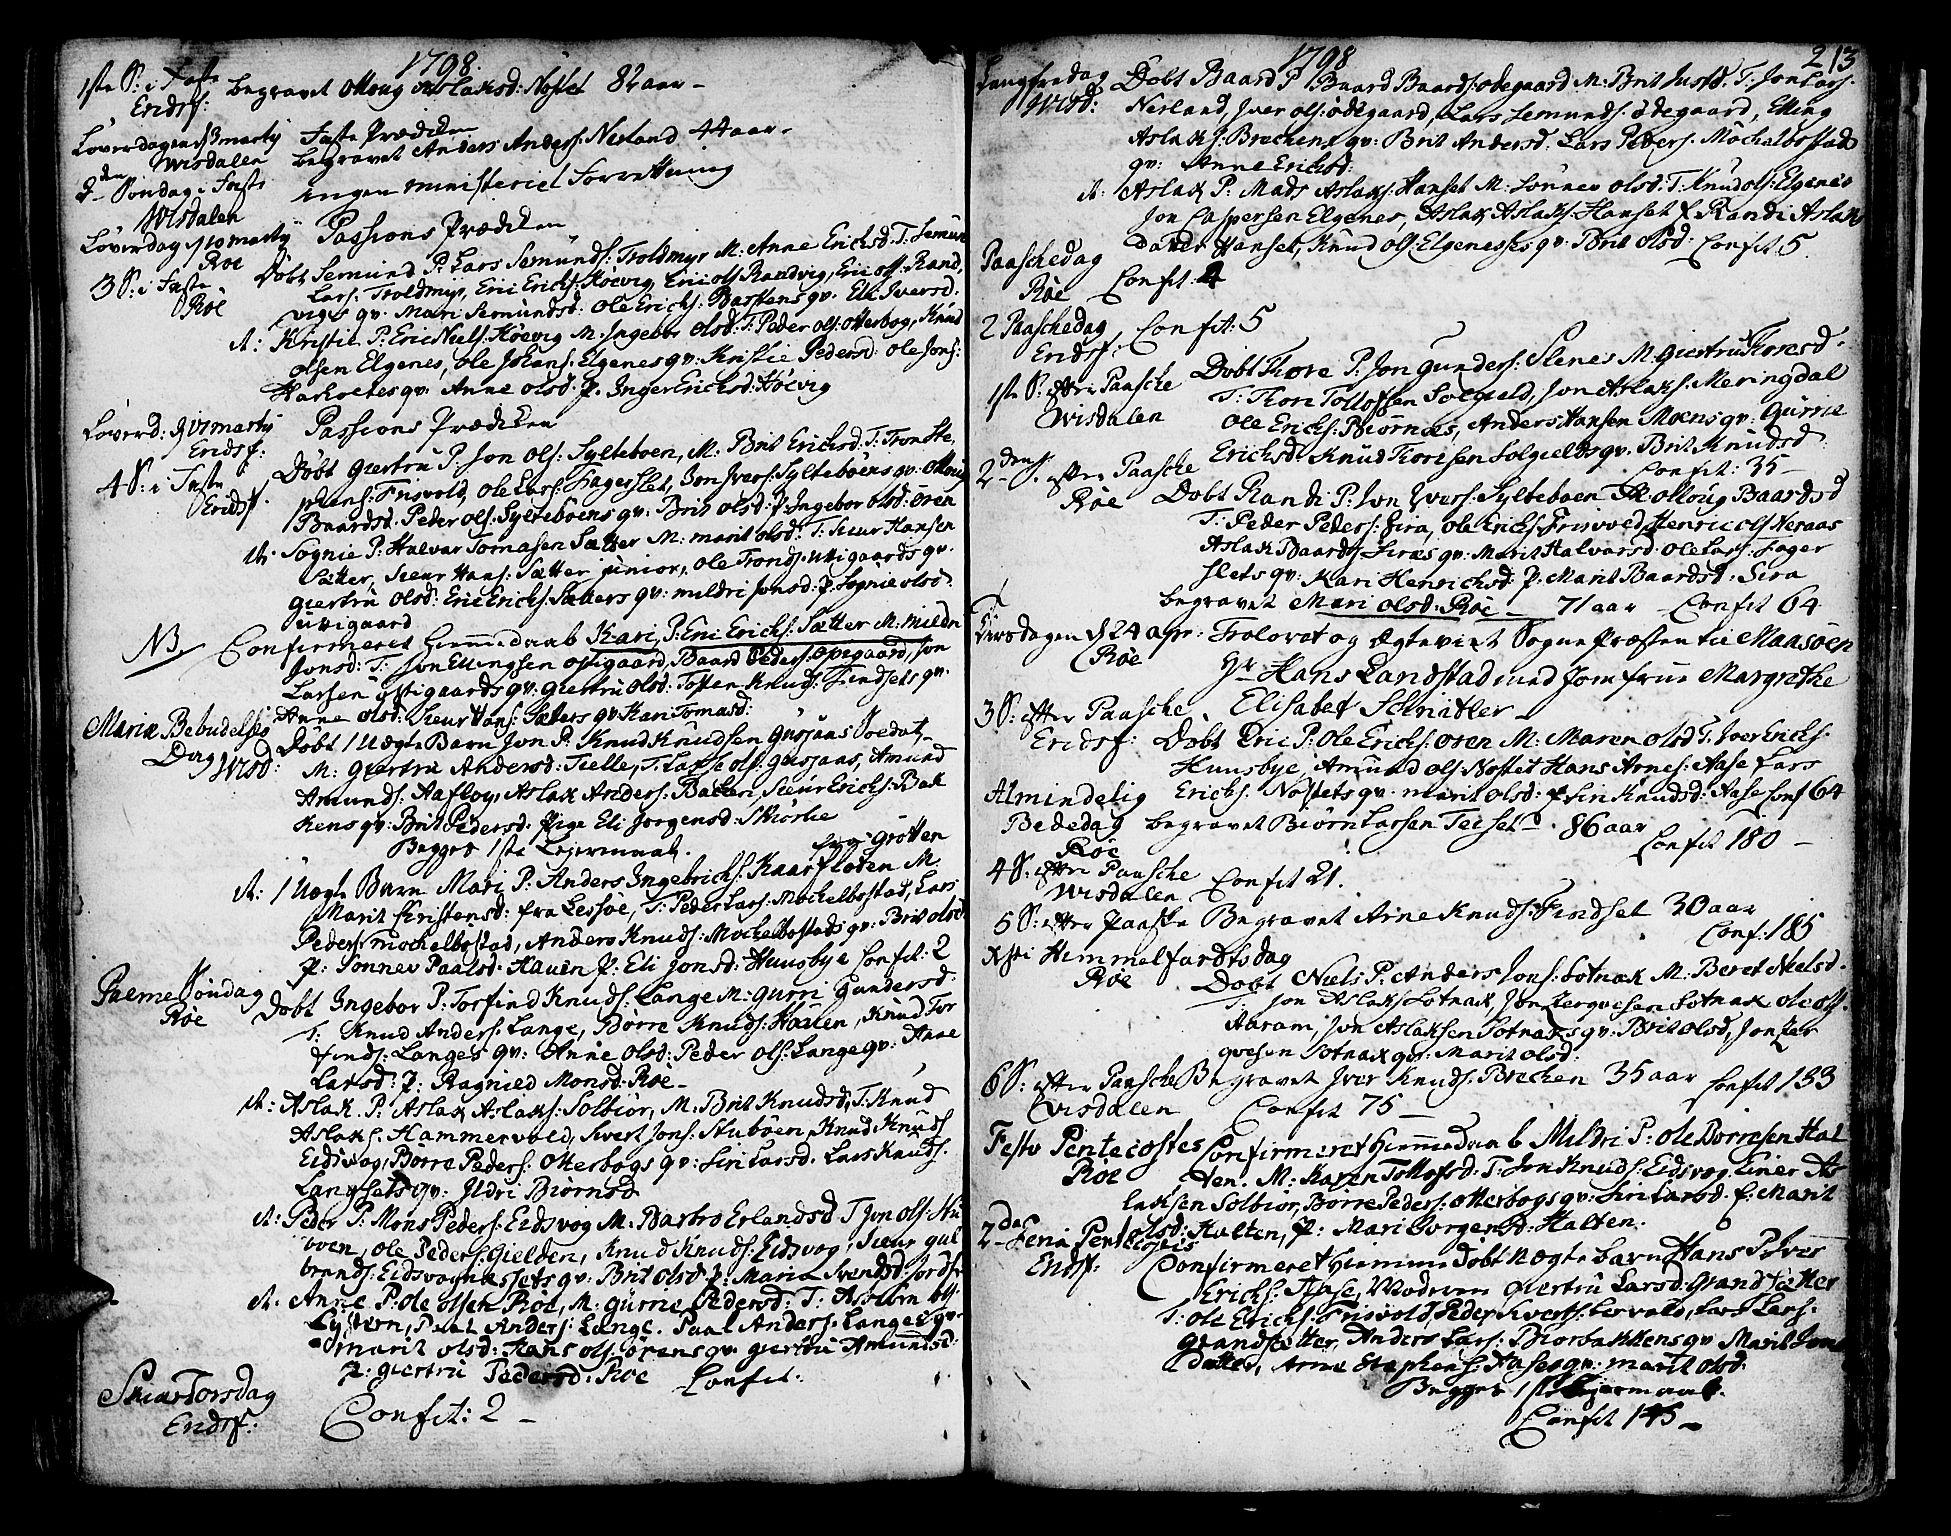 SAT, Ministerialprotokoller, klokkerbøker og fødselsregistre - Møre og Romsdal, 551/L0621: Ministerialbok nr. 551A01, 1757-1803, s. 213